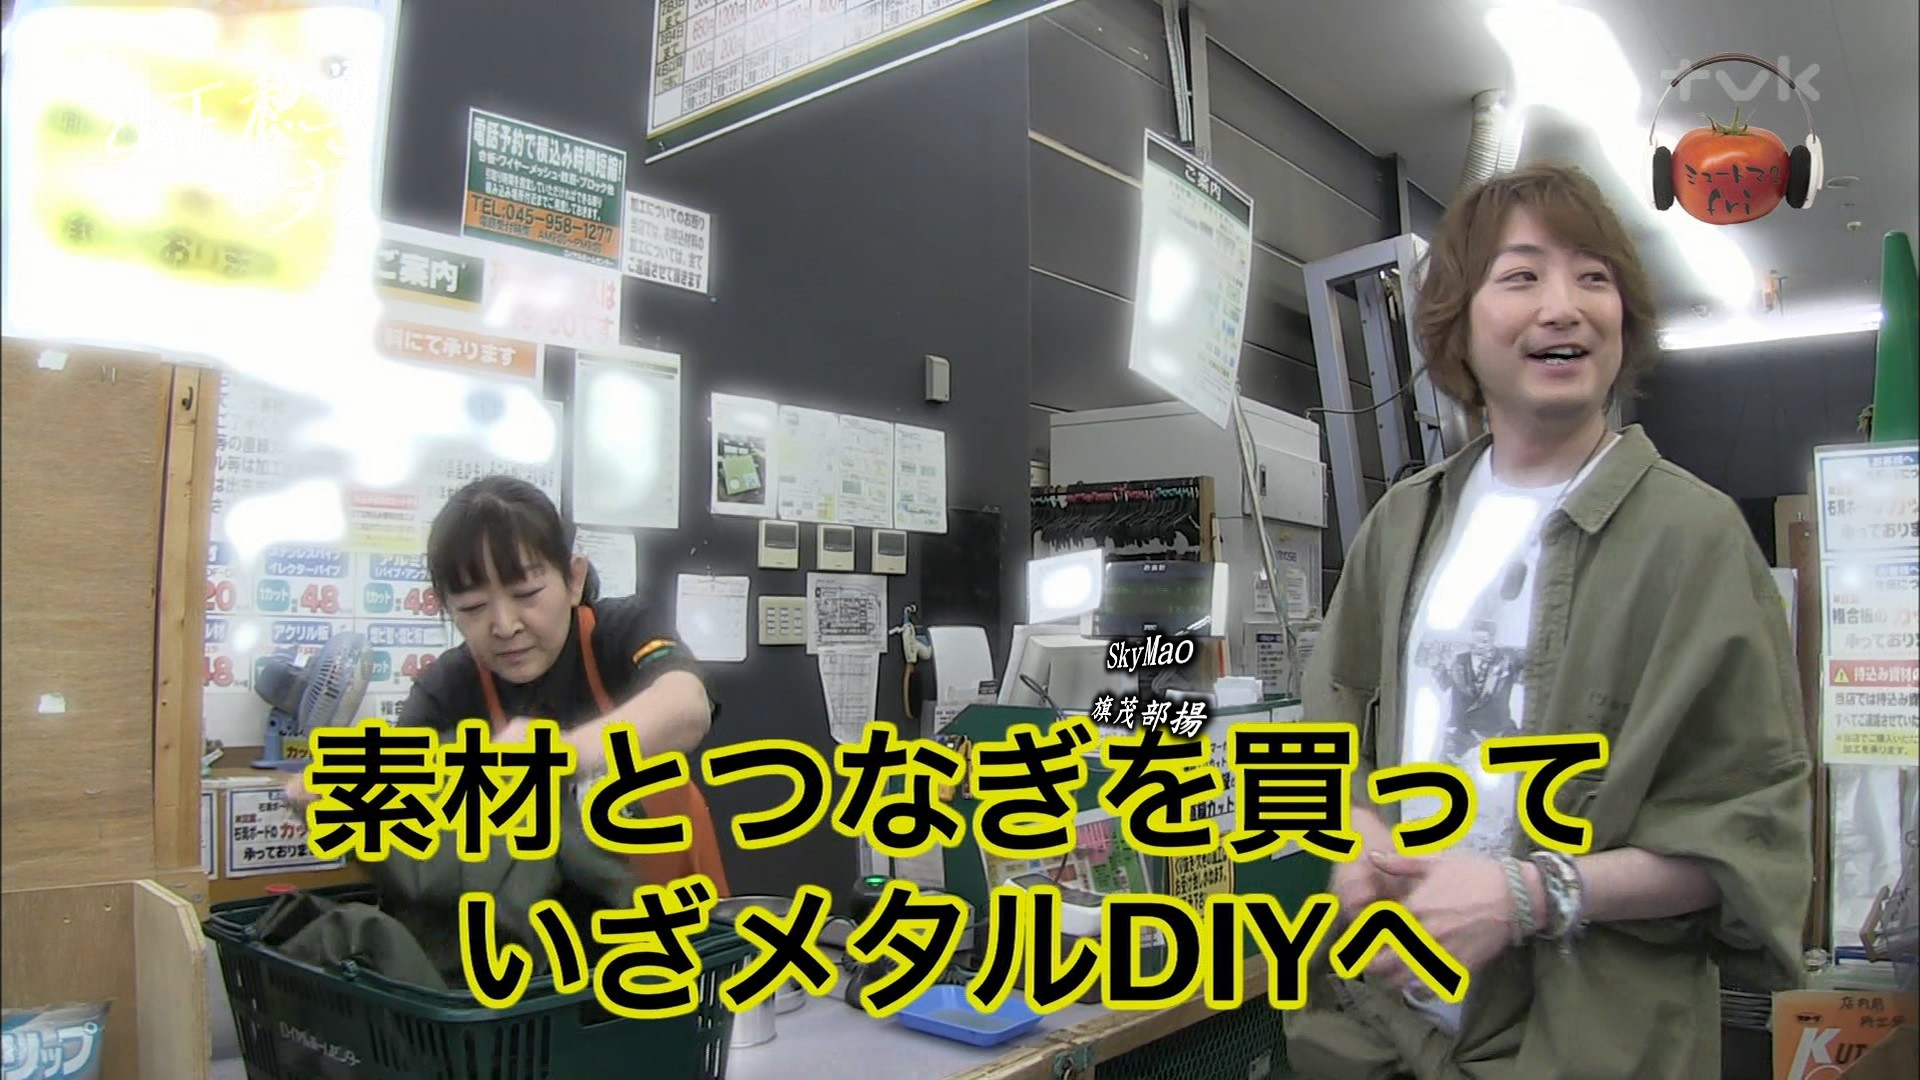 2017.06.02 全場(ミュートマ2).ts_20170603_004939.760